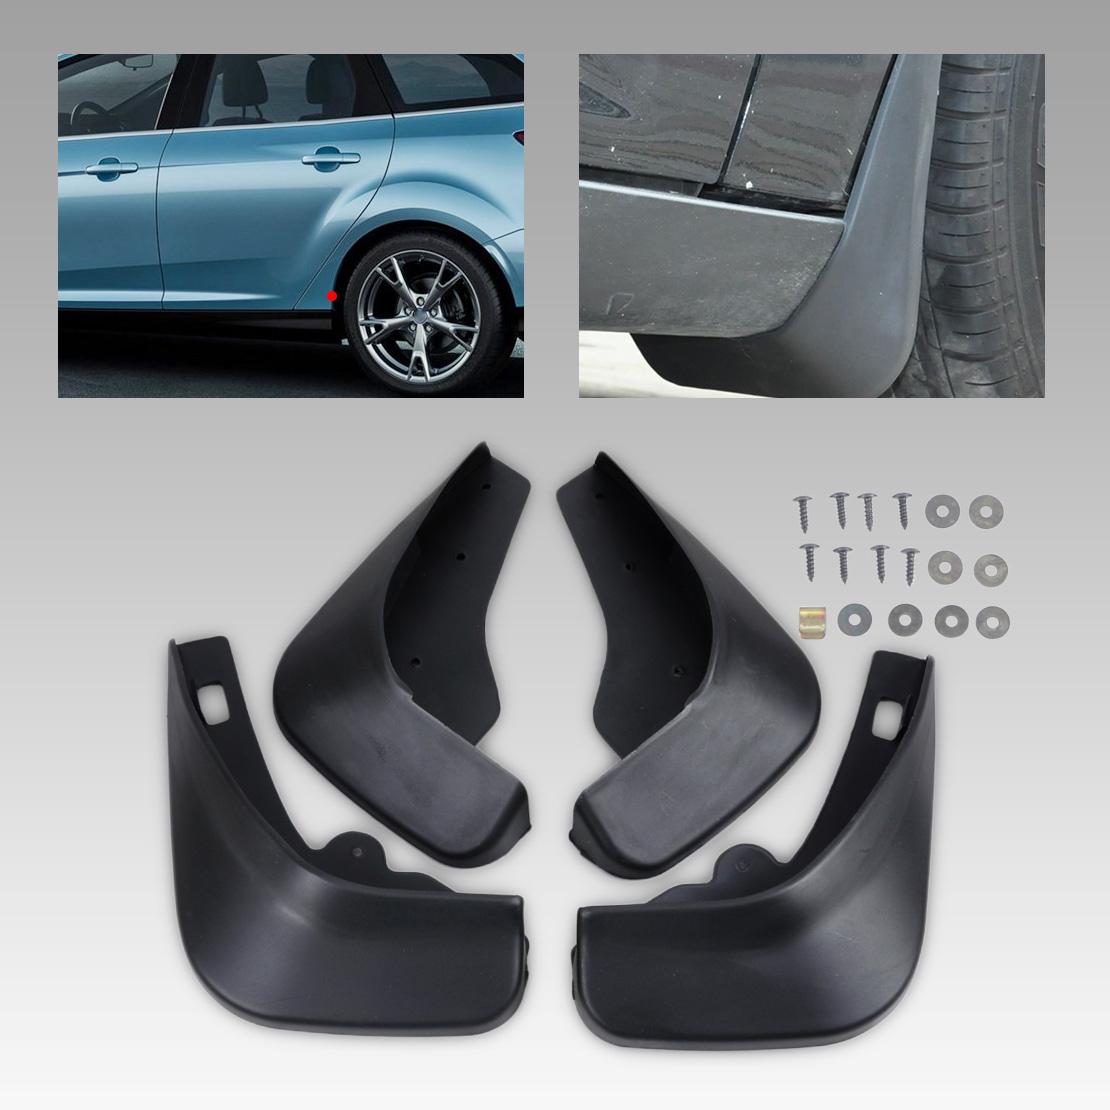 4 Mud Flaps Splash Guard Fender Car Mudguard for Ford Fiesta Hatch 13-16